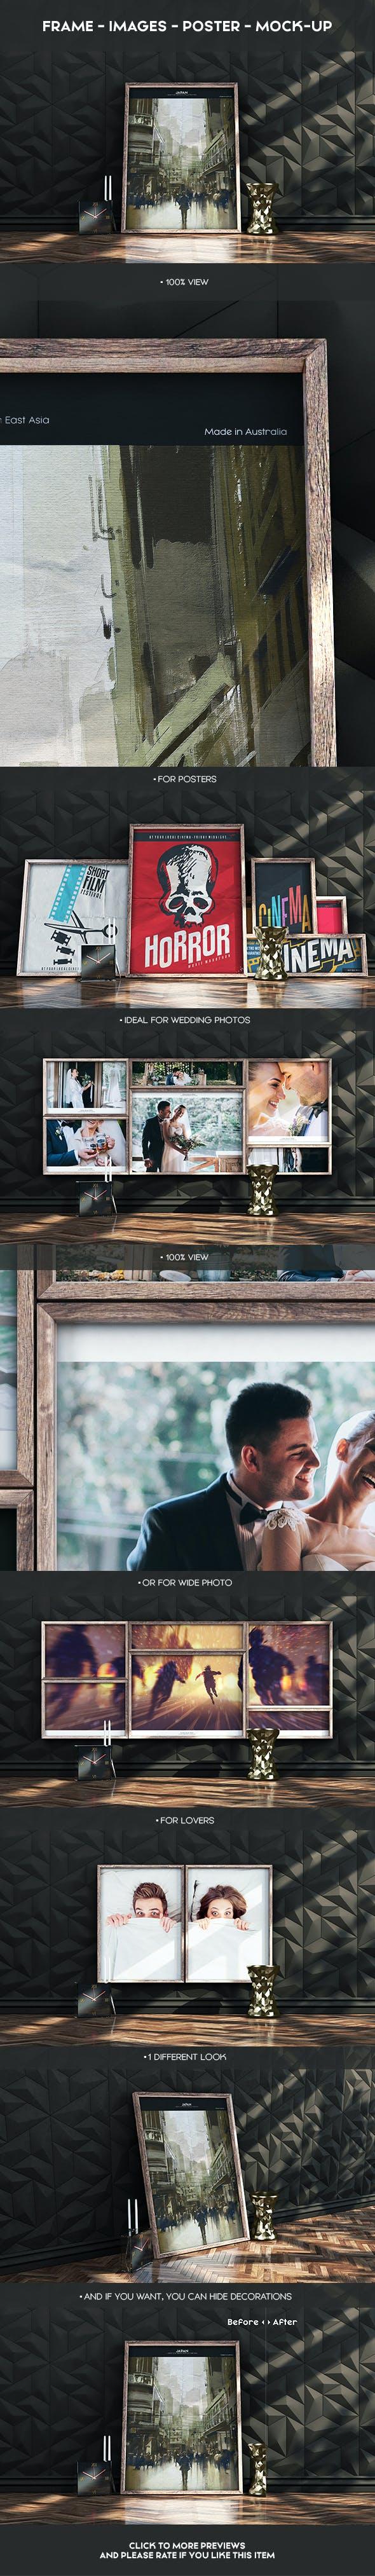 Poster Mock-Up Cinema 4d+Vray - 3DOcean Item for Sale